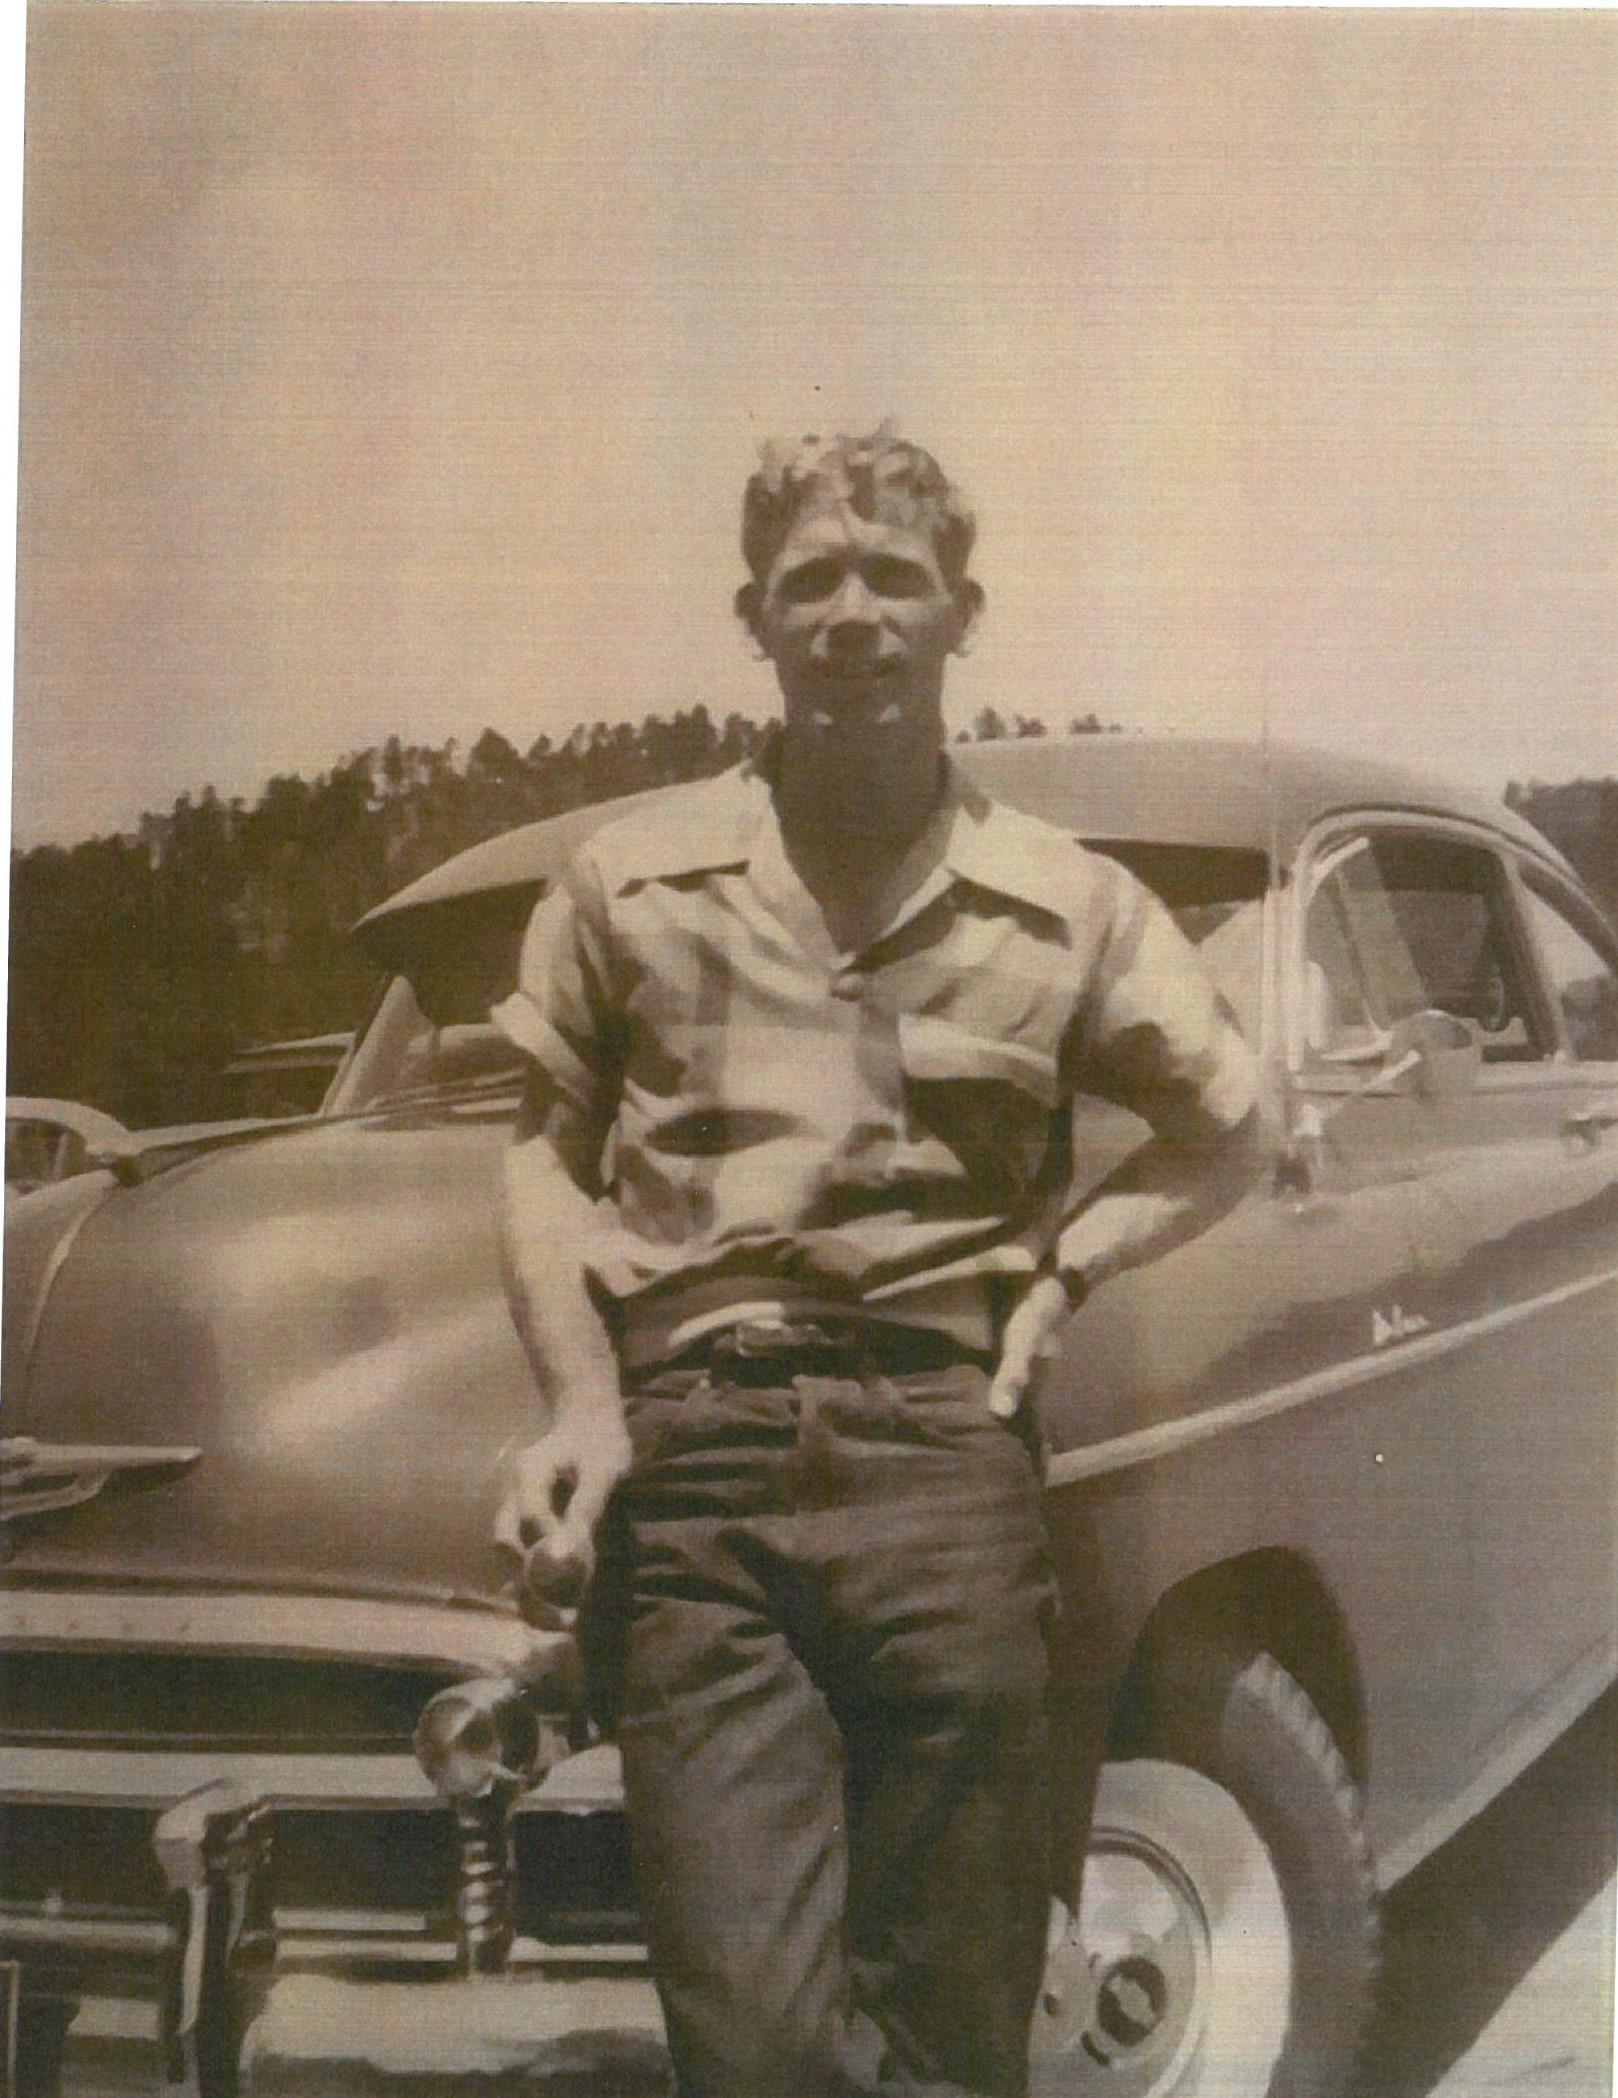 Donald L. Hogan